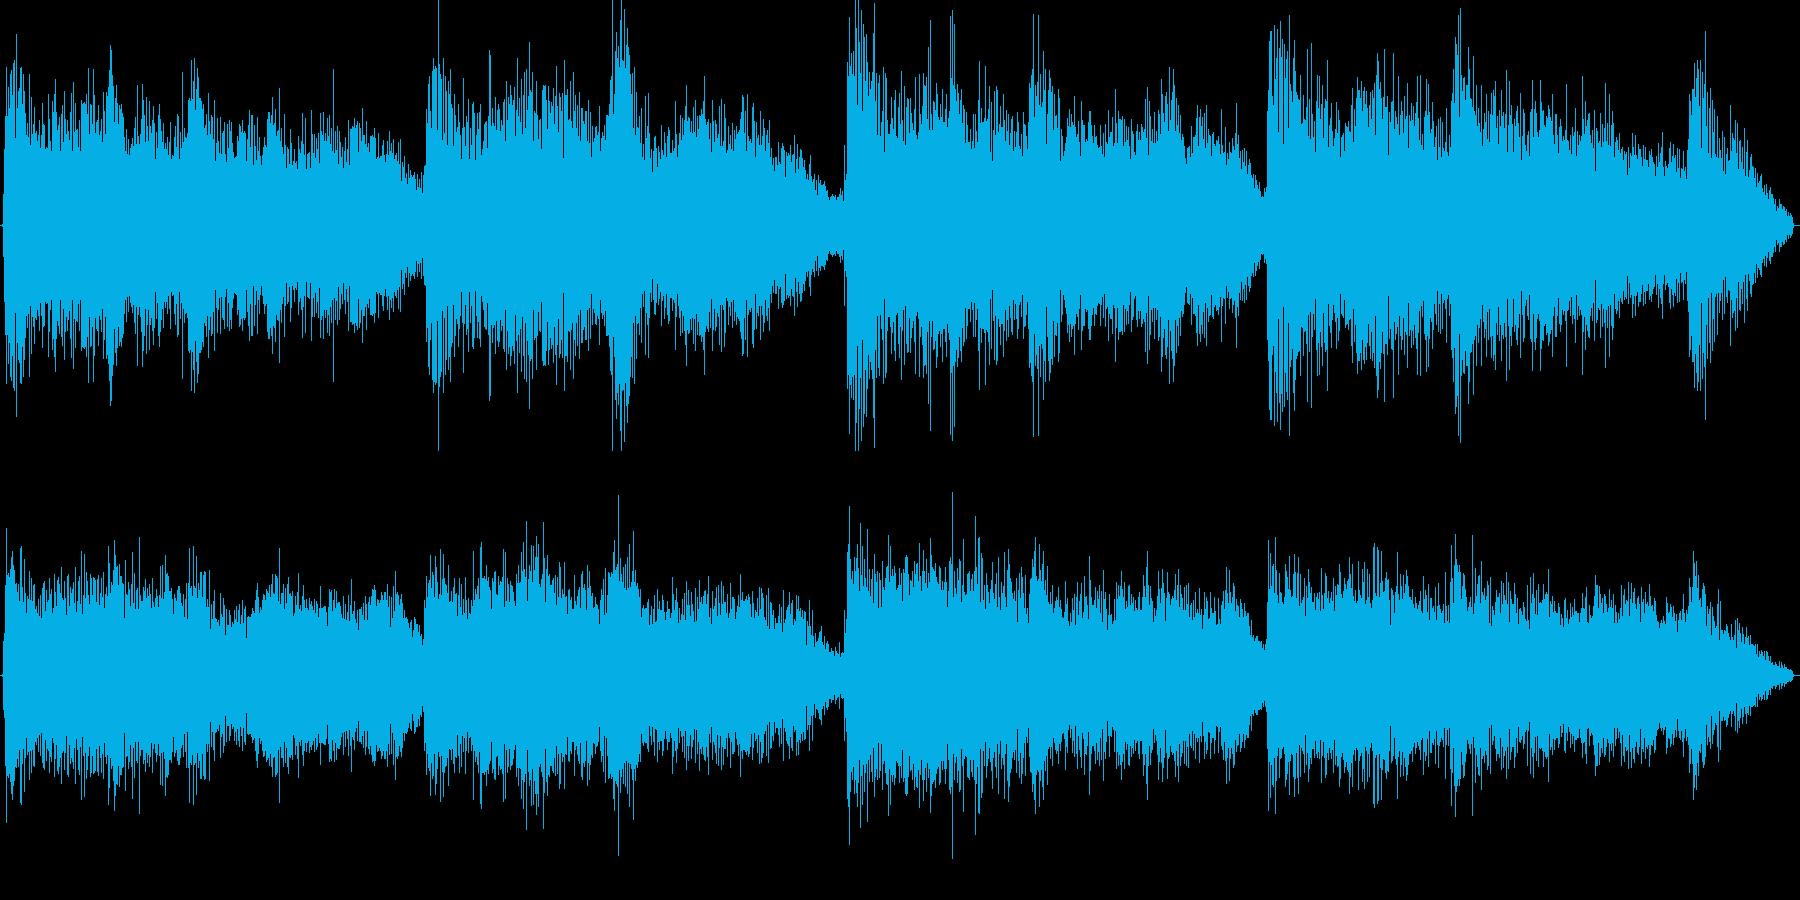 勇壮で緊張感のあるオーケストラジングルの再生済みの波形